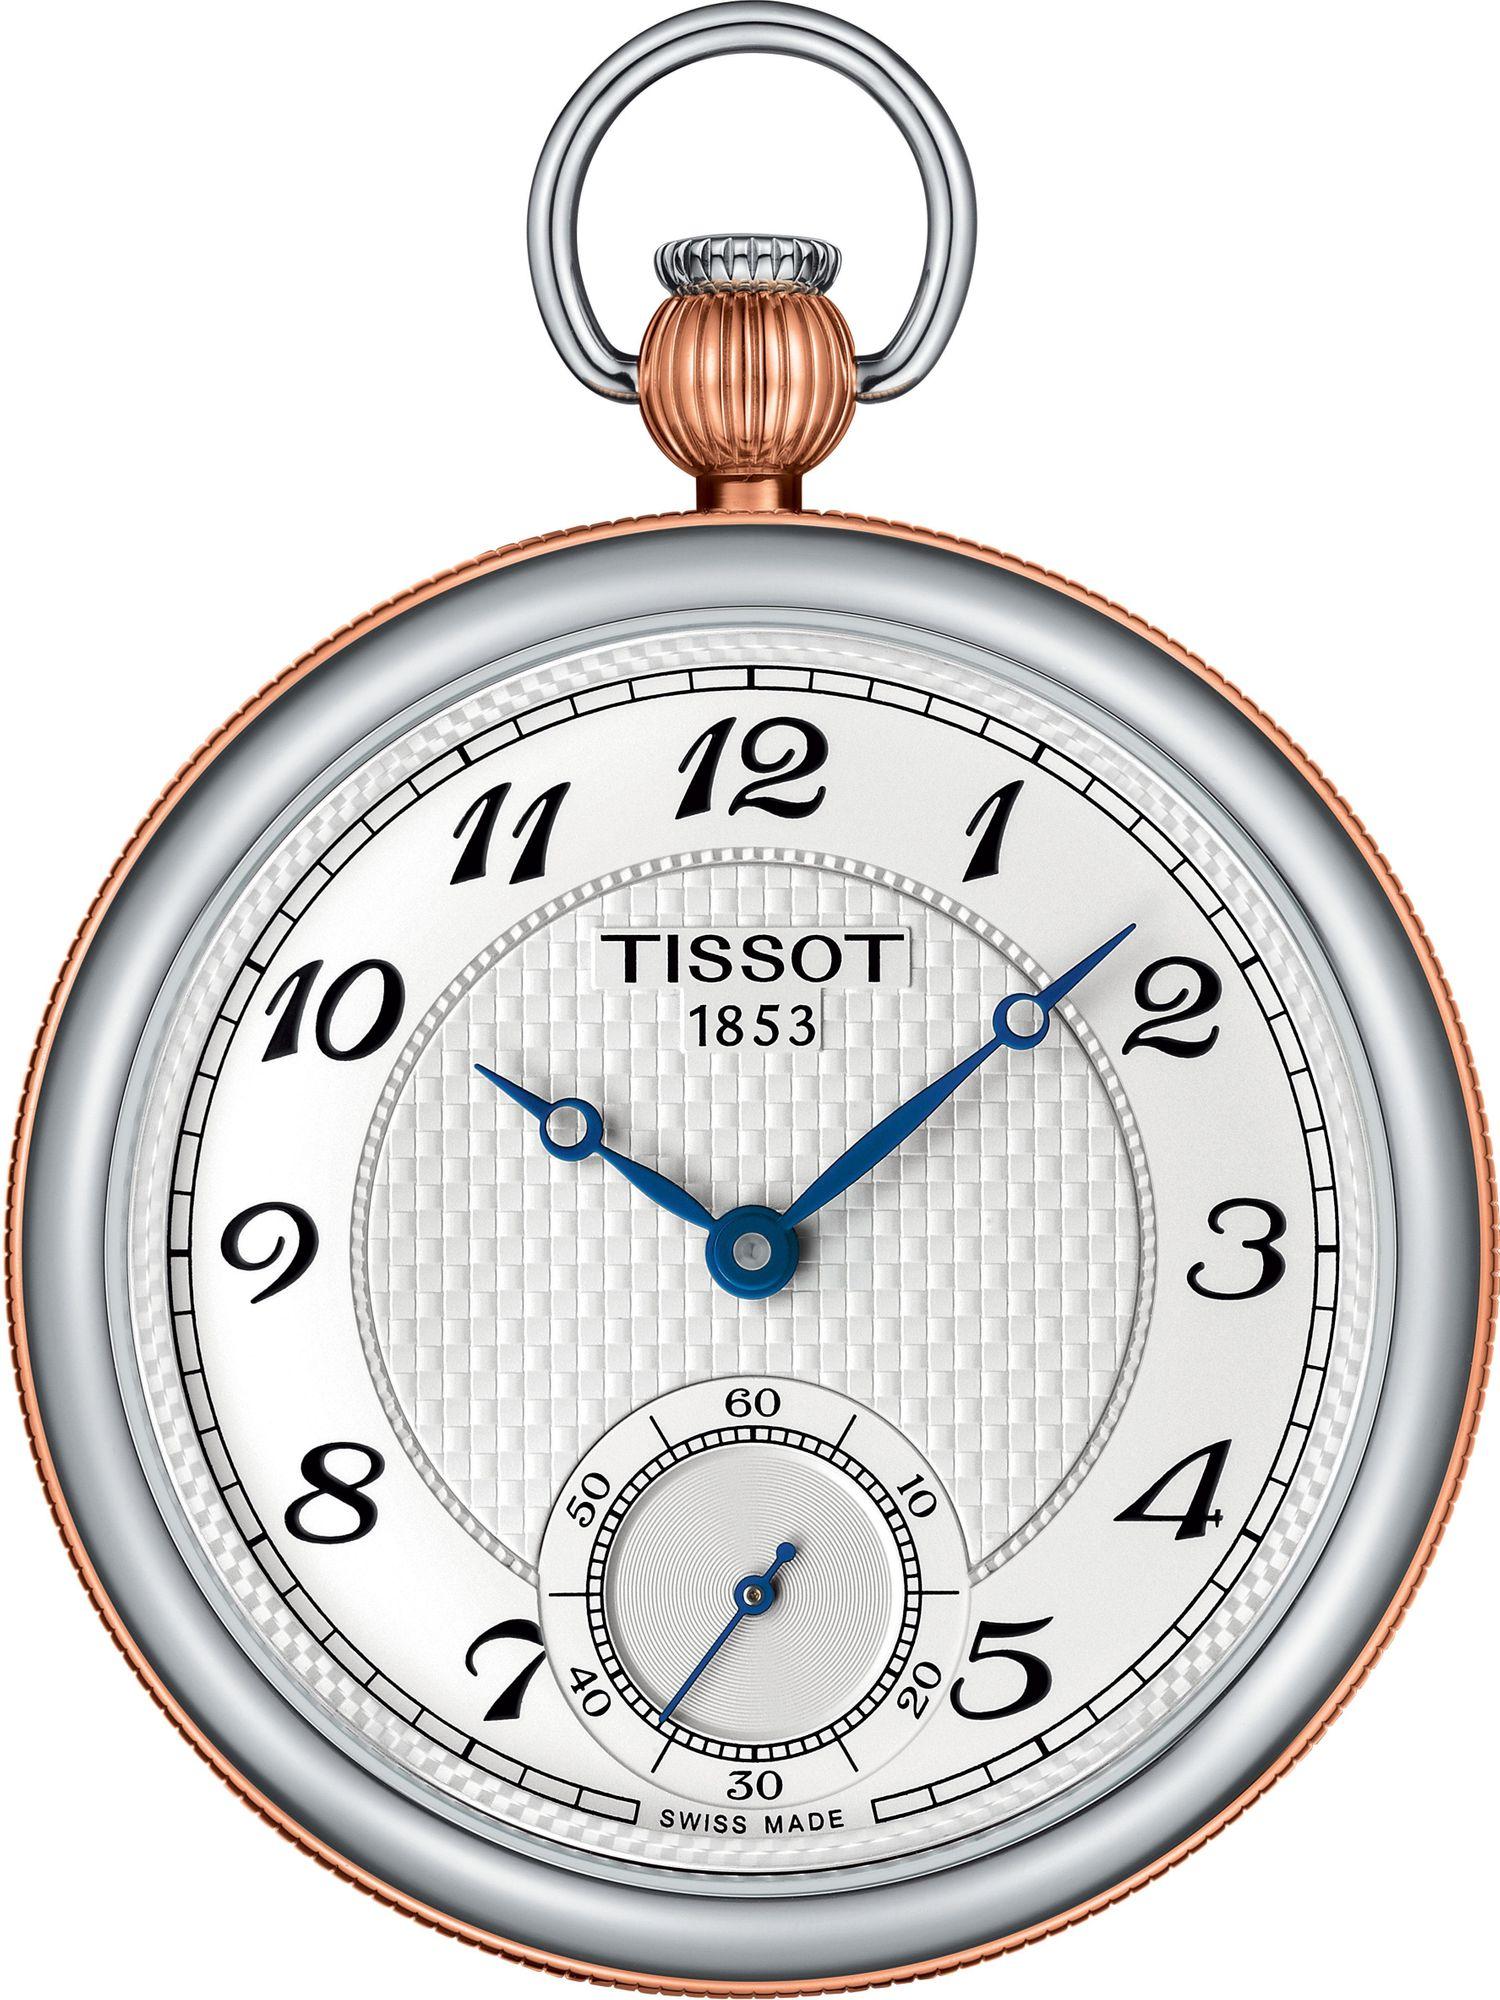 Tissot TASCHENUHR BRIDGEPORTPINE T860.405.29.032.01 Taschenuhr